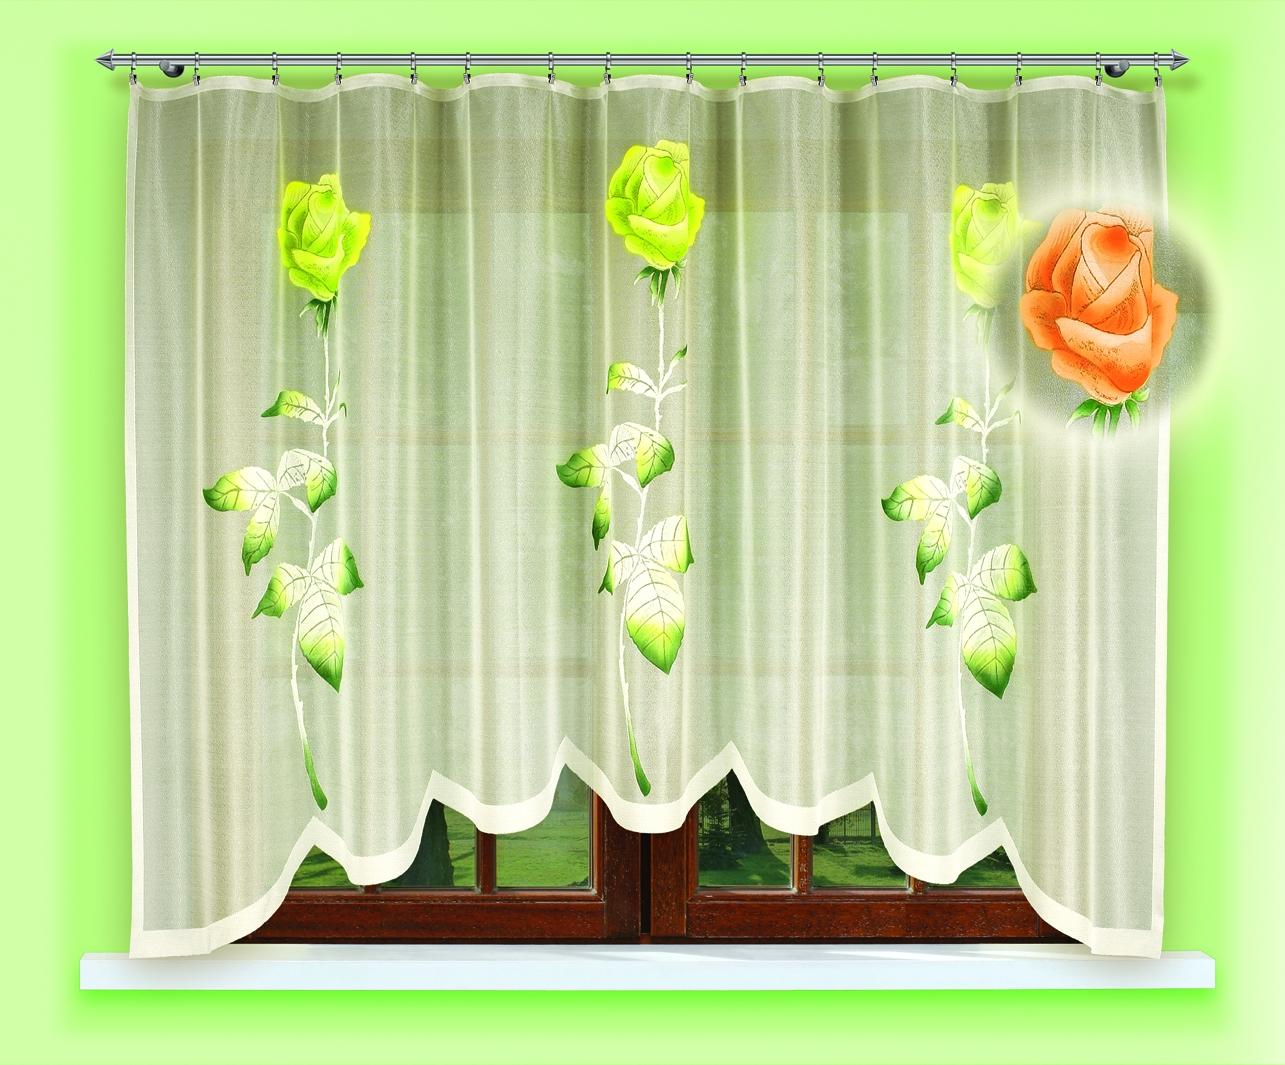 Гардина Haft, цвет: зеленый, высота 160 см. 54550/16054550/160 зеленыйГардина Haft цвета станет великолепным украшением любого окна. Интересный дизайн и изящный цветочный рисунок привлекут к себе внимание и органично впишутся в интерьер комнаты.